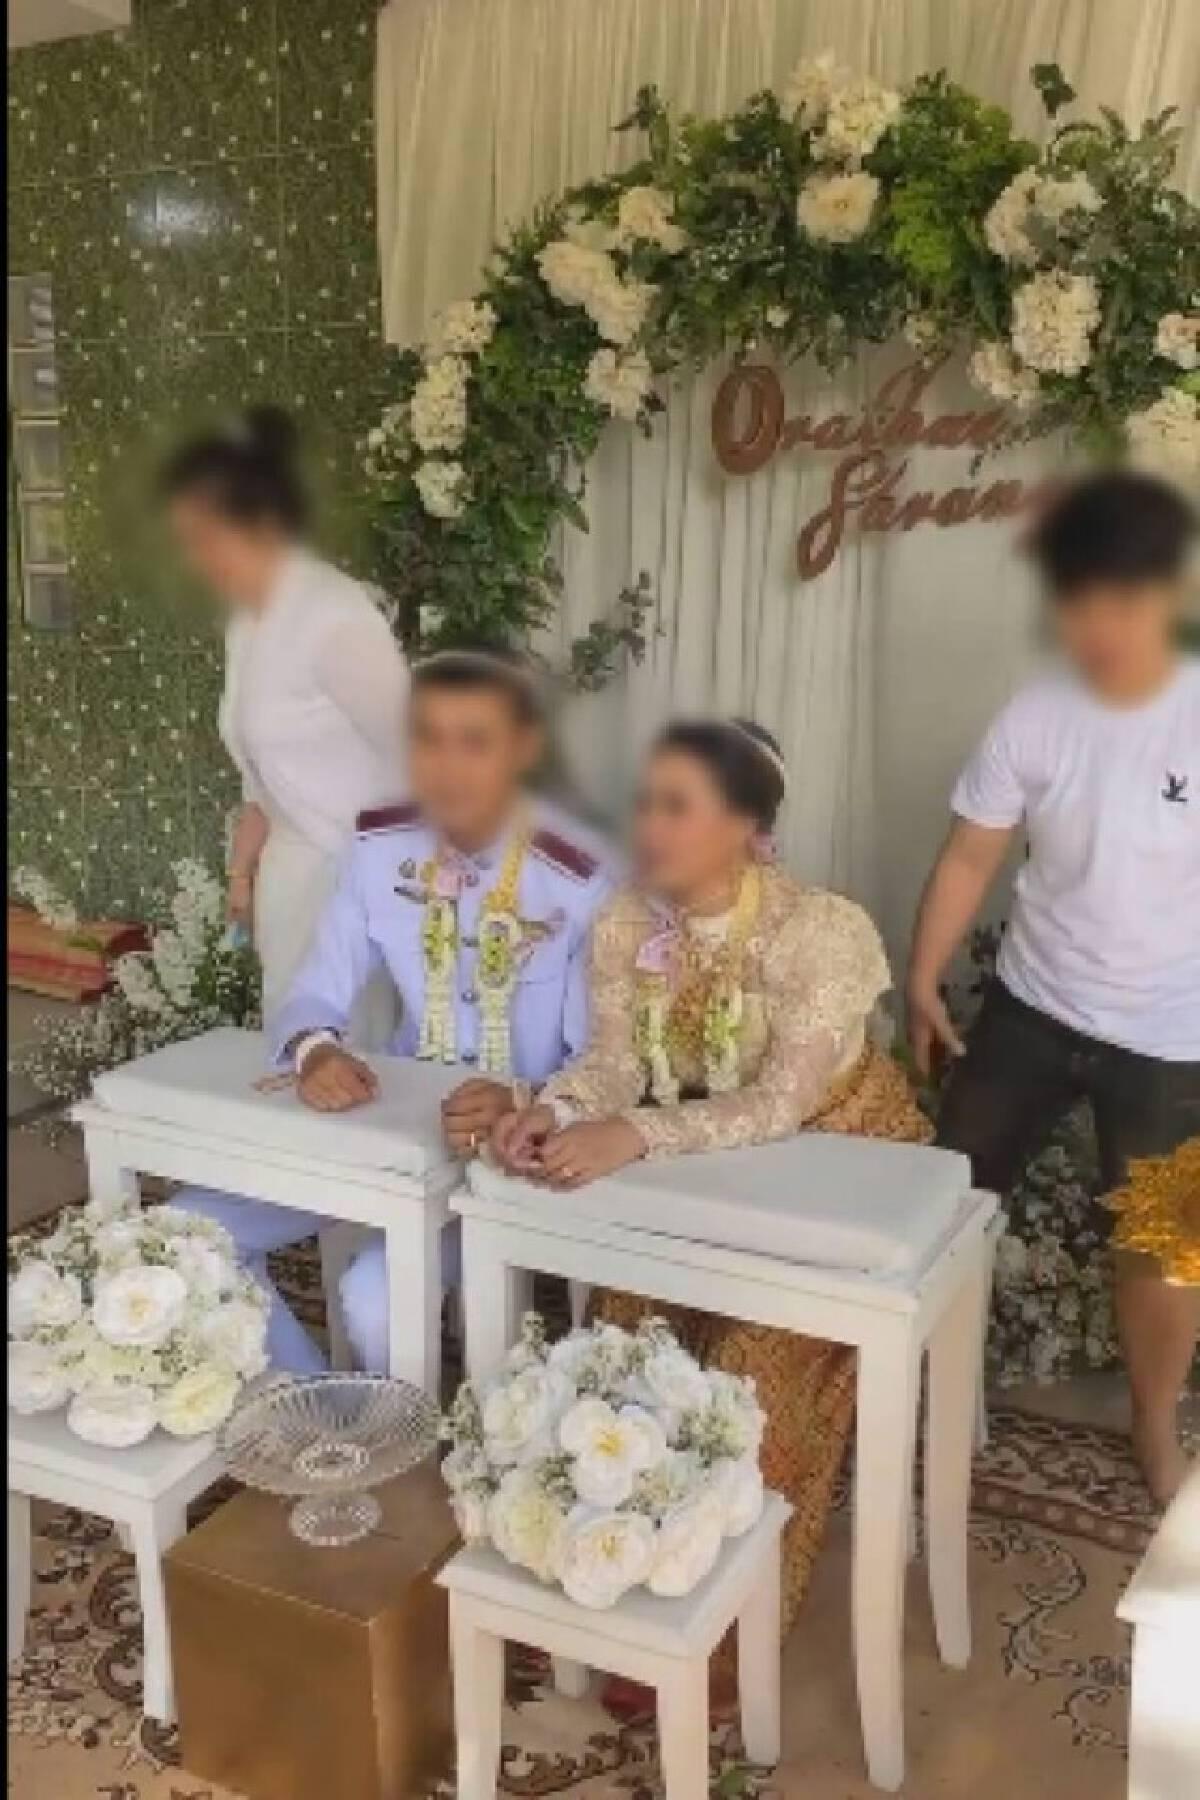 """ส่องโพสต์ล่าสุด """"ภรรยาหลวงบุกโชว์ทะเบียนกลางงานแต่งสามี"""" ตอนนี้ """"ถูกข่มขู่จากผู้ไม่หวังดี"""""""